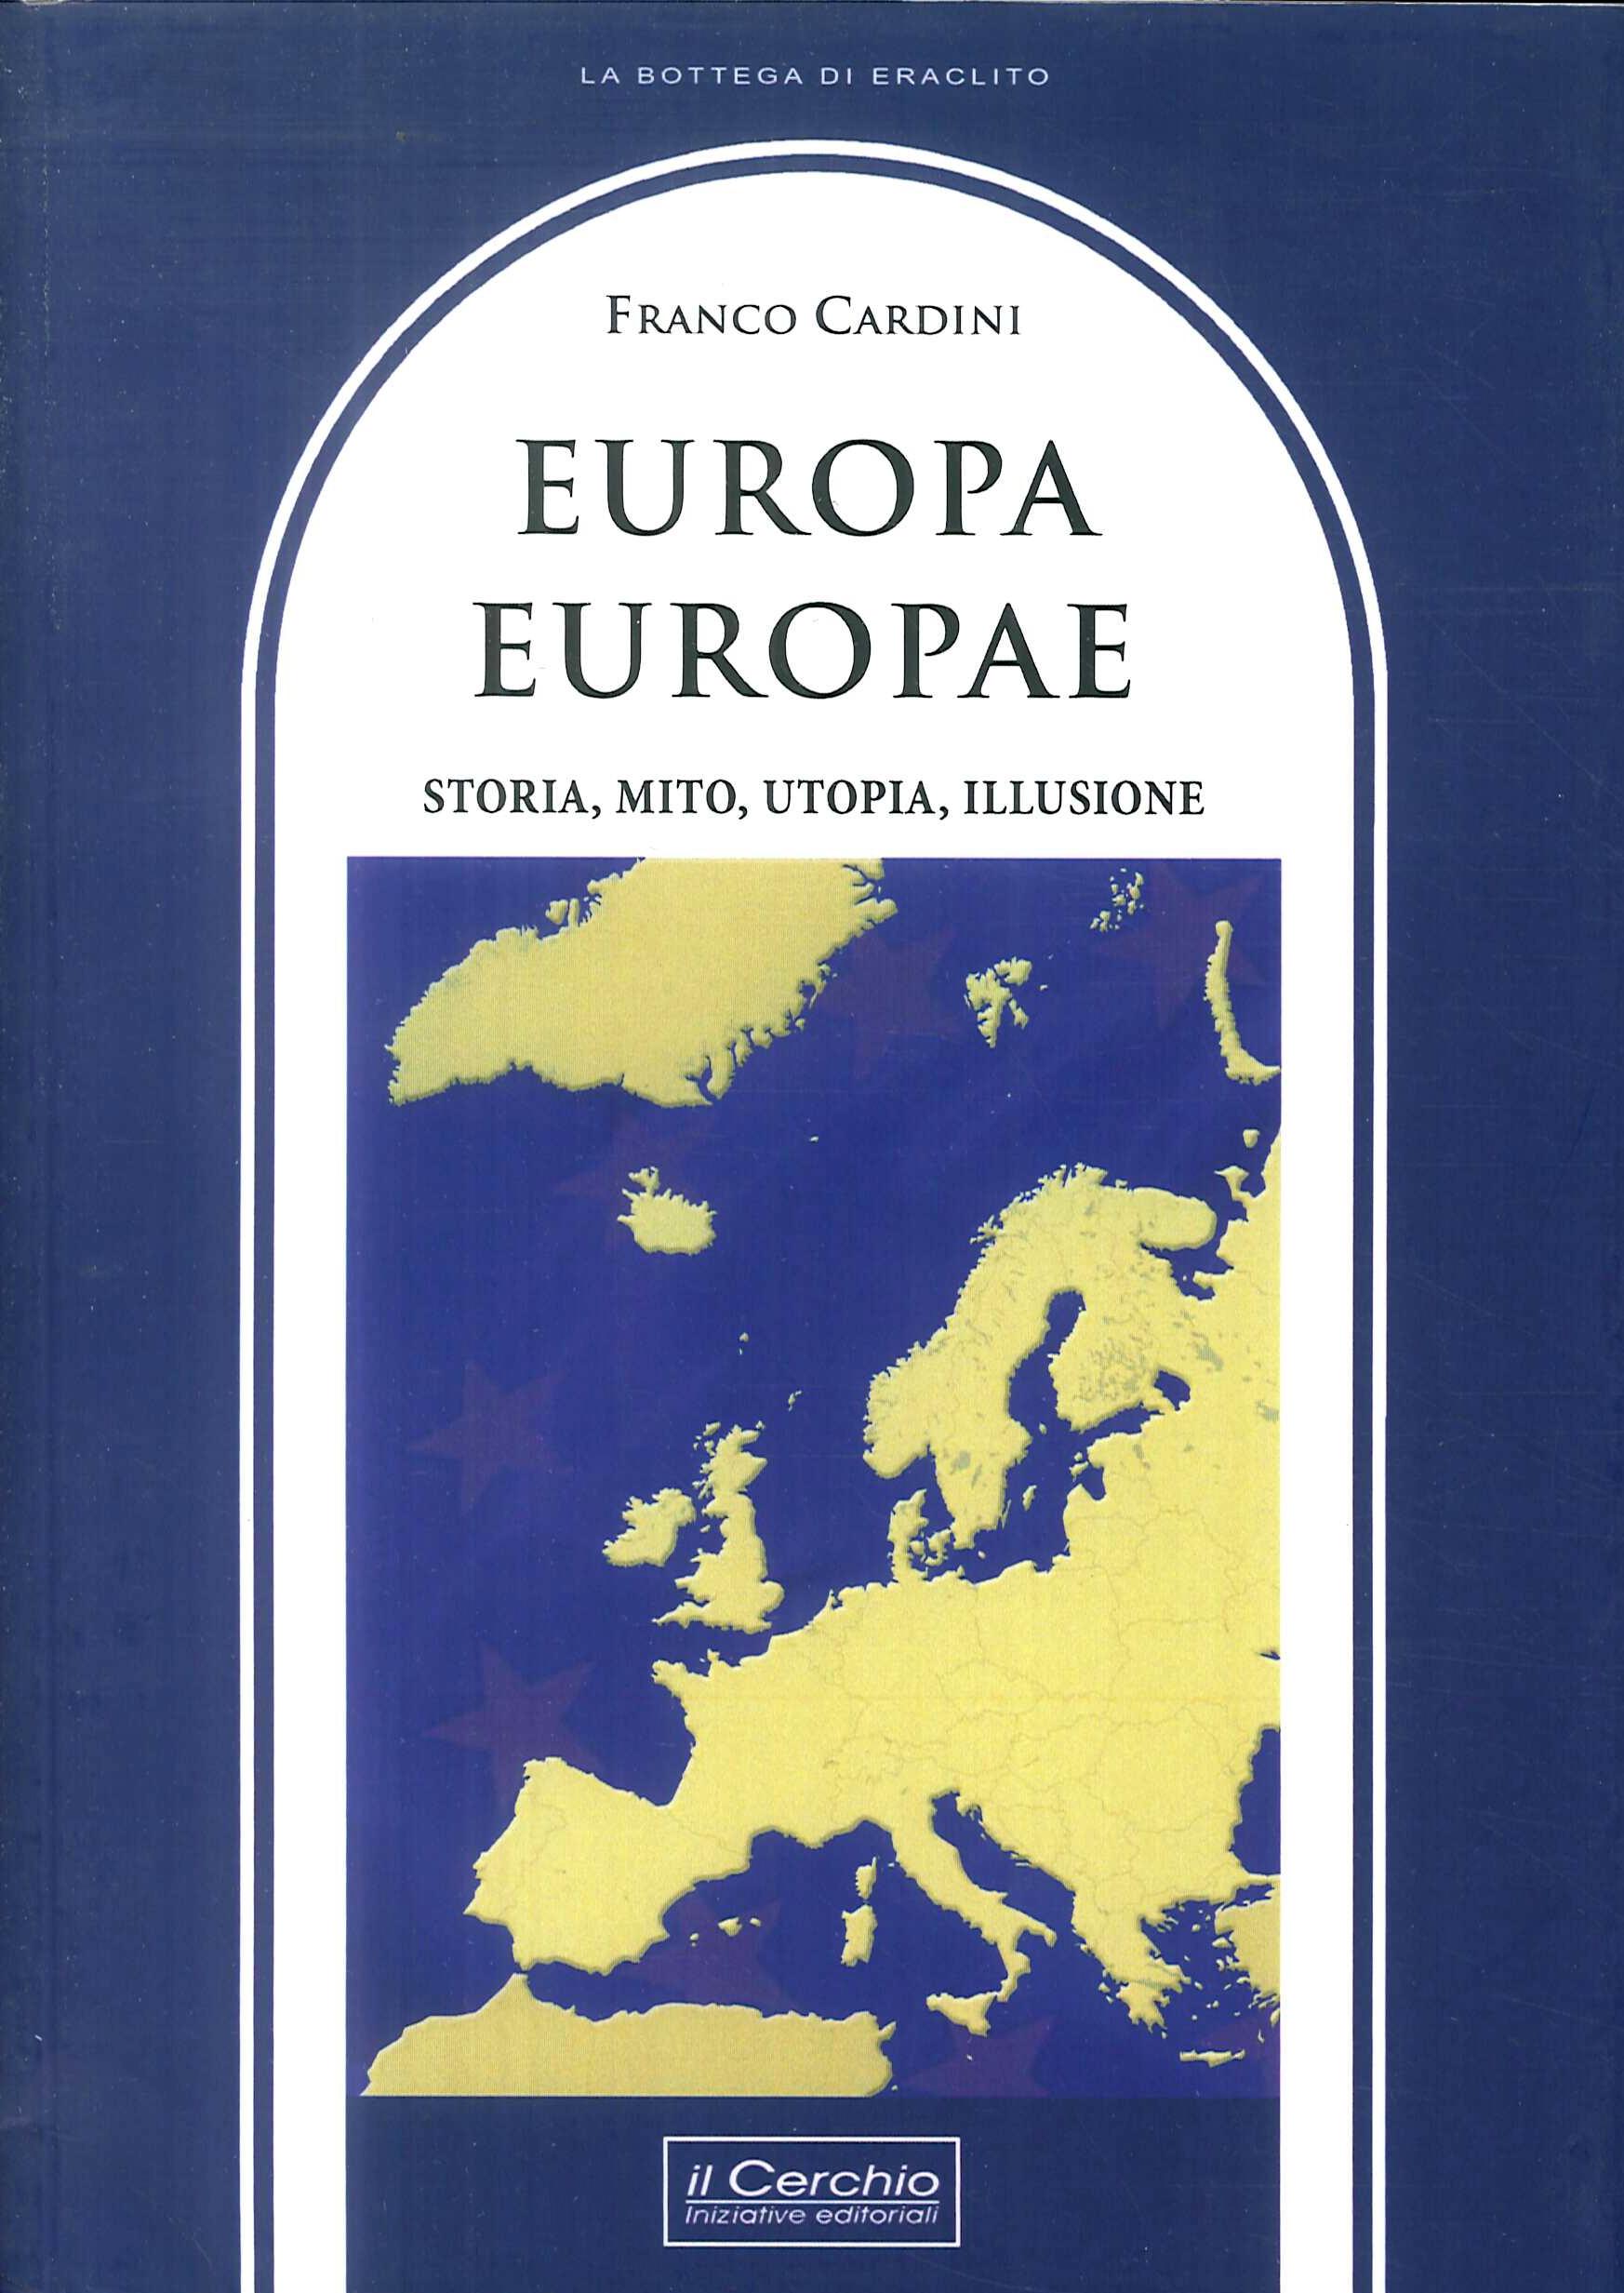 Europa, Europae. Storia, mito, utopia, illusione